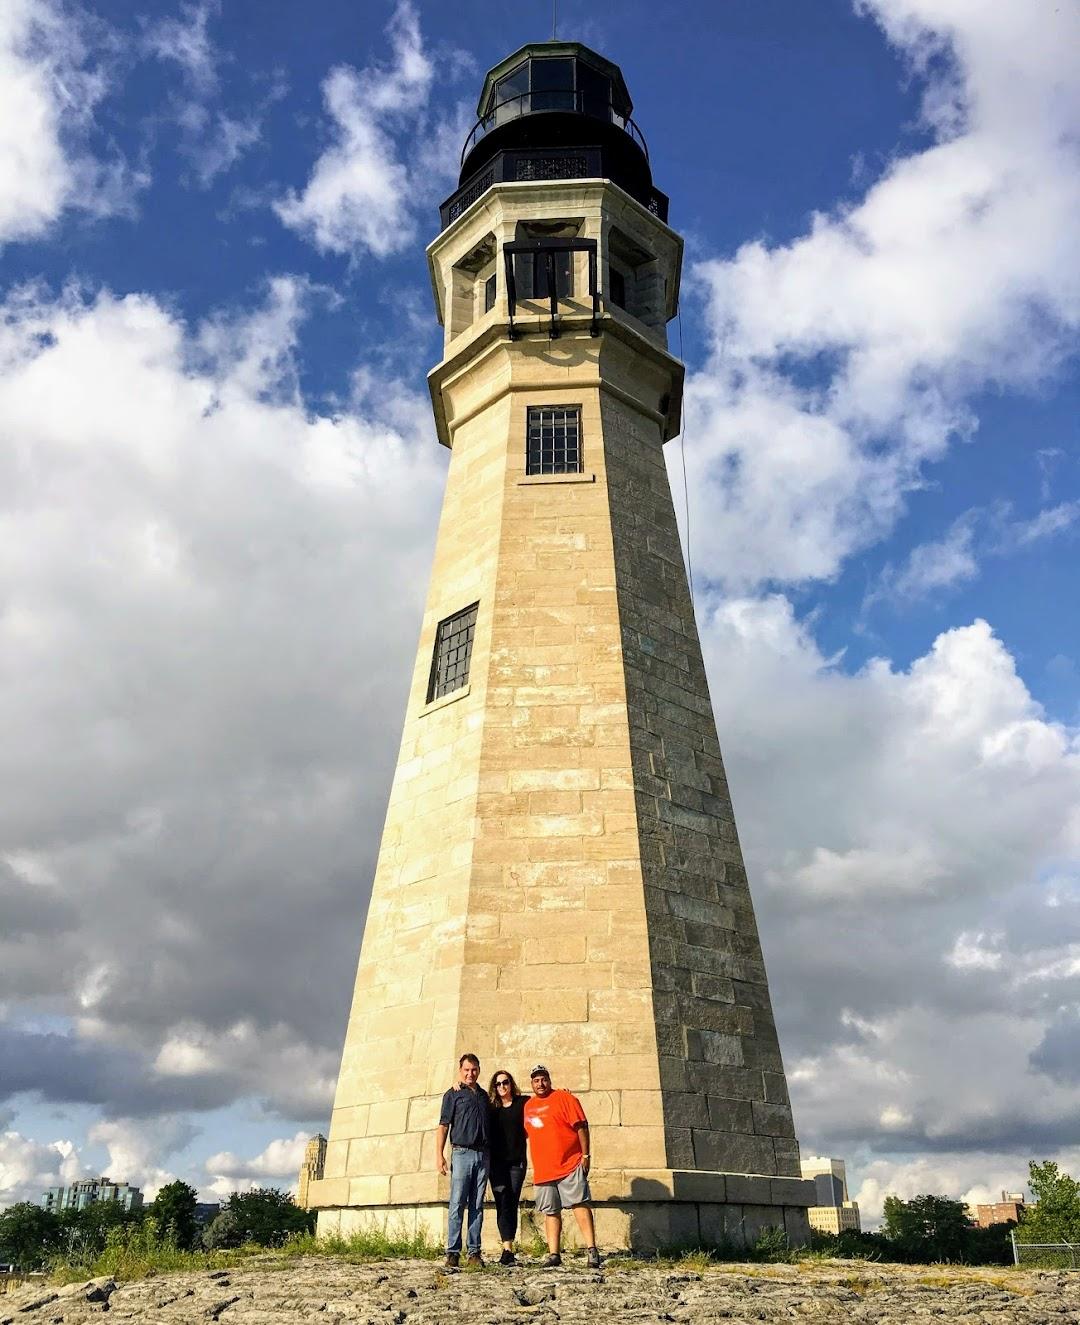 Buffalo Lighthouse Park